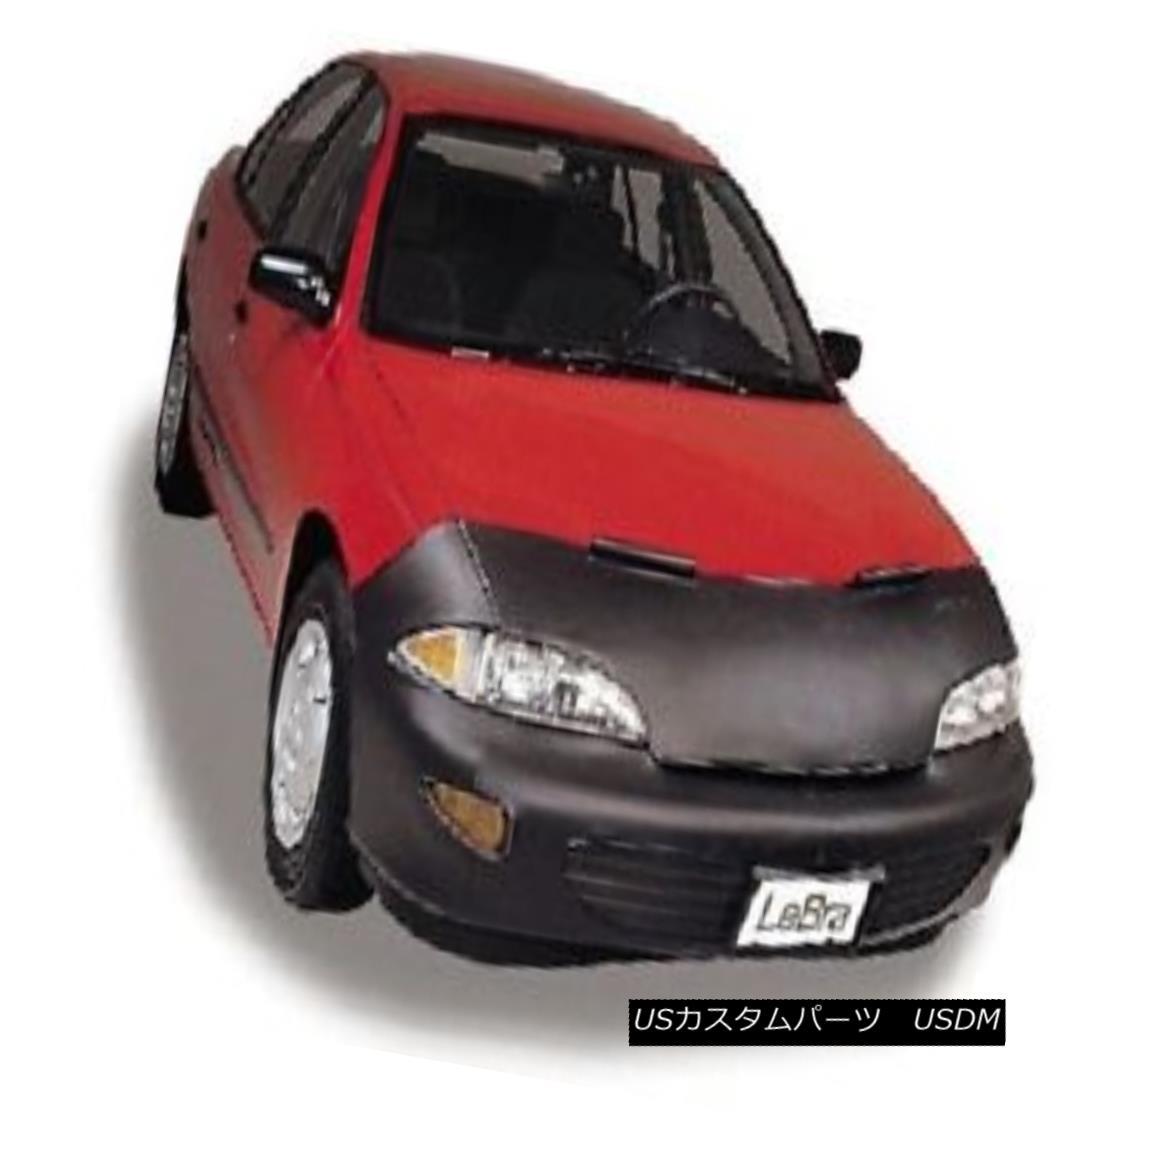 フルブラ ノーズブラ Lebra Front End Mask Cover Bra Fits 1998-1999 Hyundai Accent 2 Door Lebraフロントエンドマスクカバーブラフィット1998-1999 Hyundai Accent 2 Door